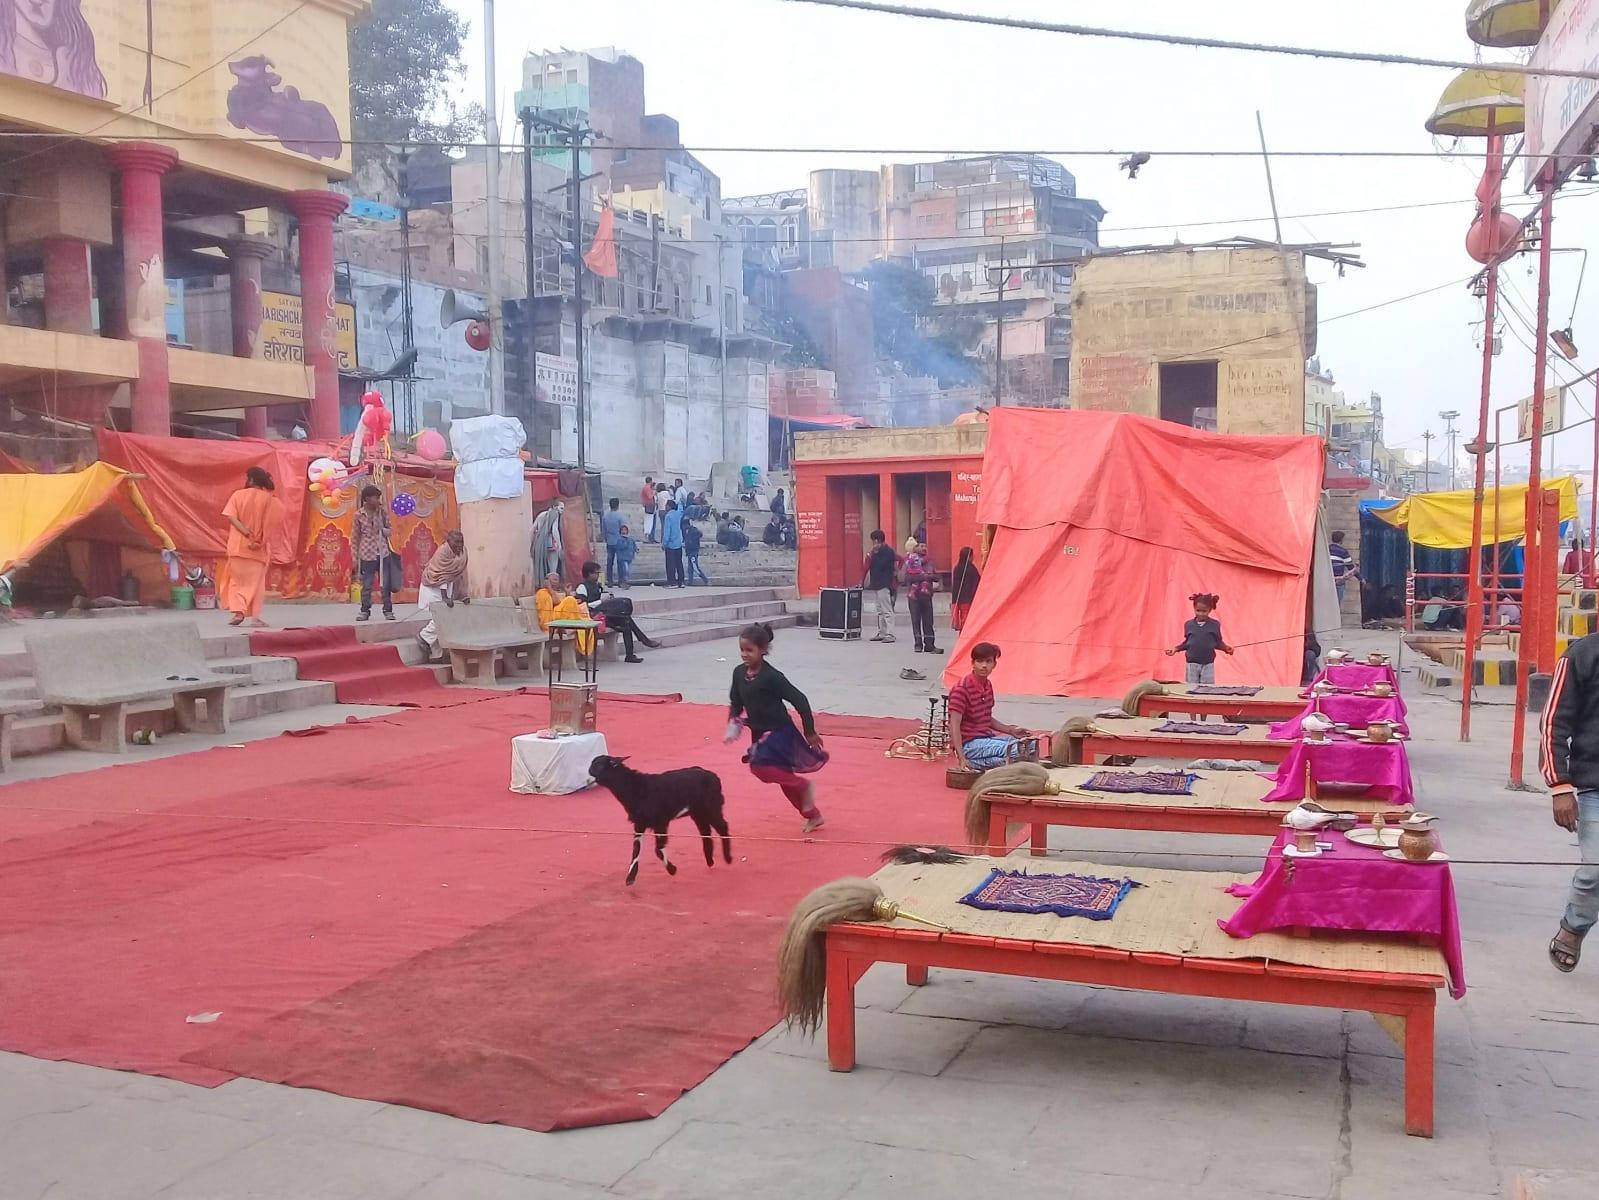 Příprava na večerní Ganga Aarti show. Děti si mezitím stíhají hrát s kůzlaty, Varanásí